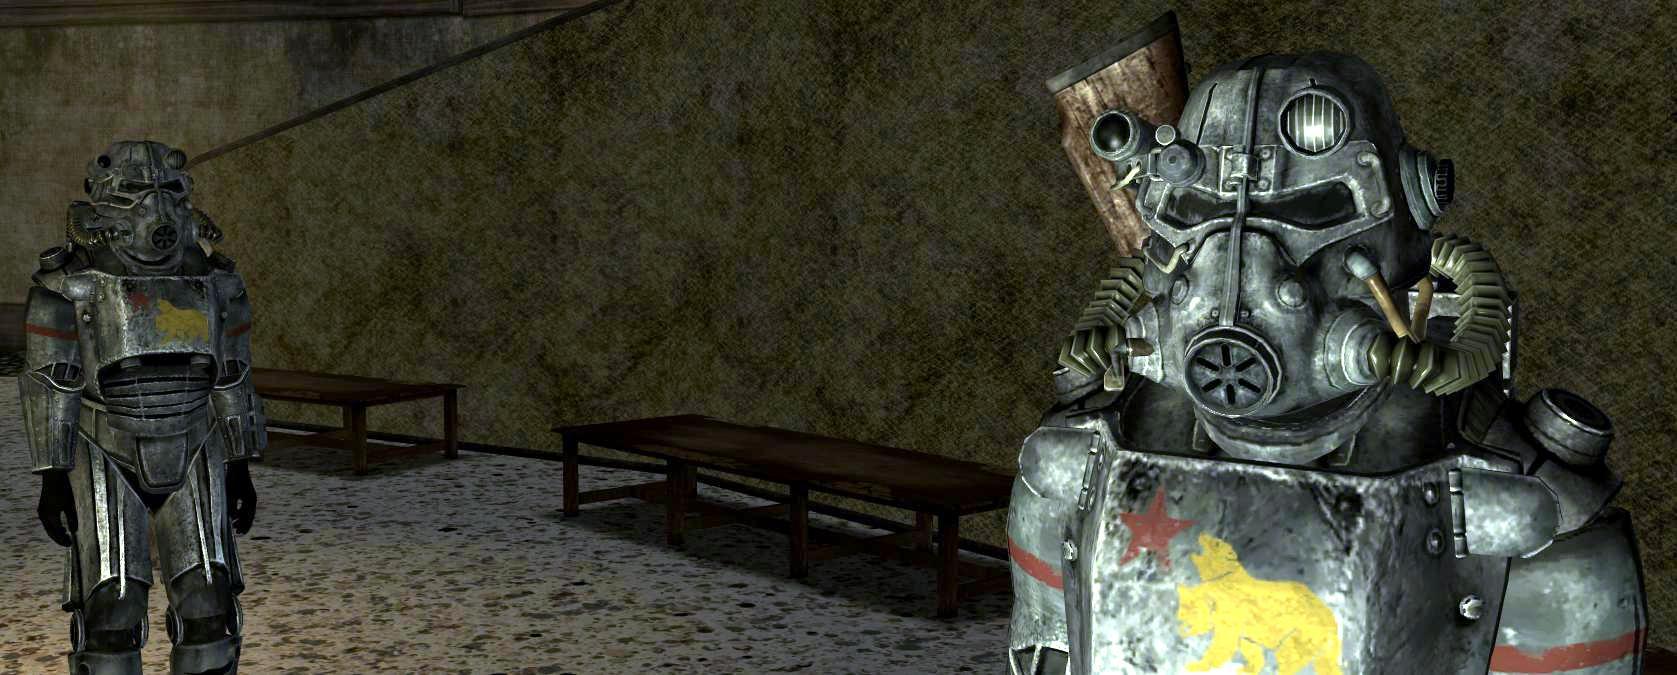 Тяжеловооружённый боец НКР